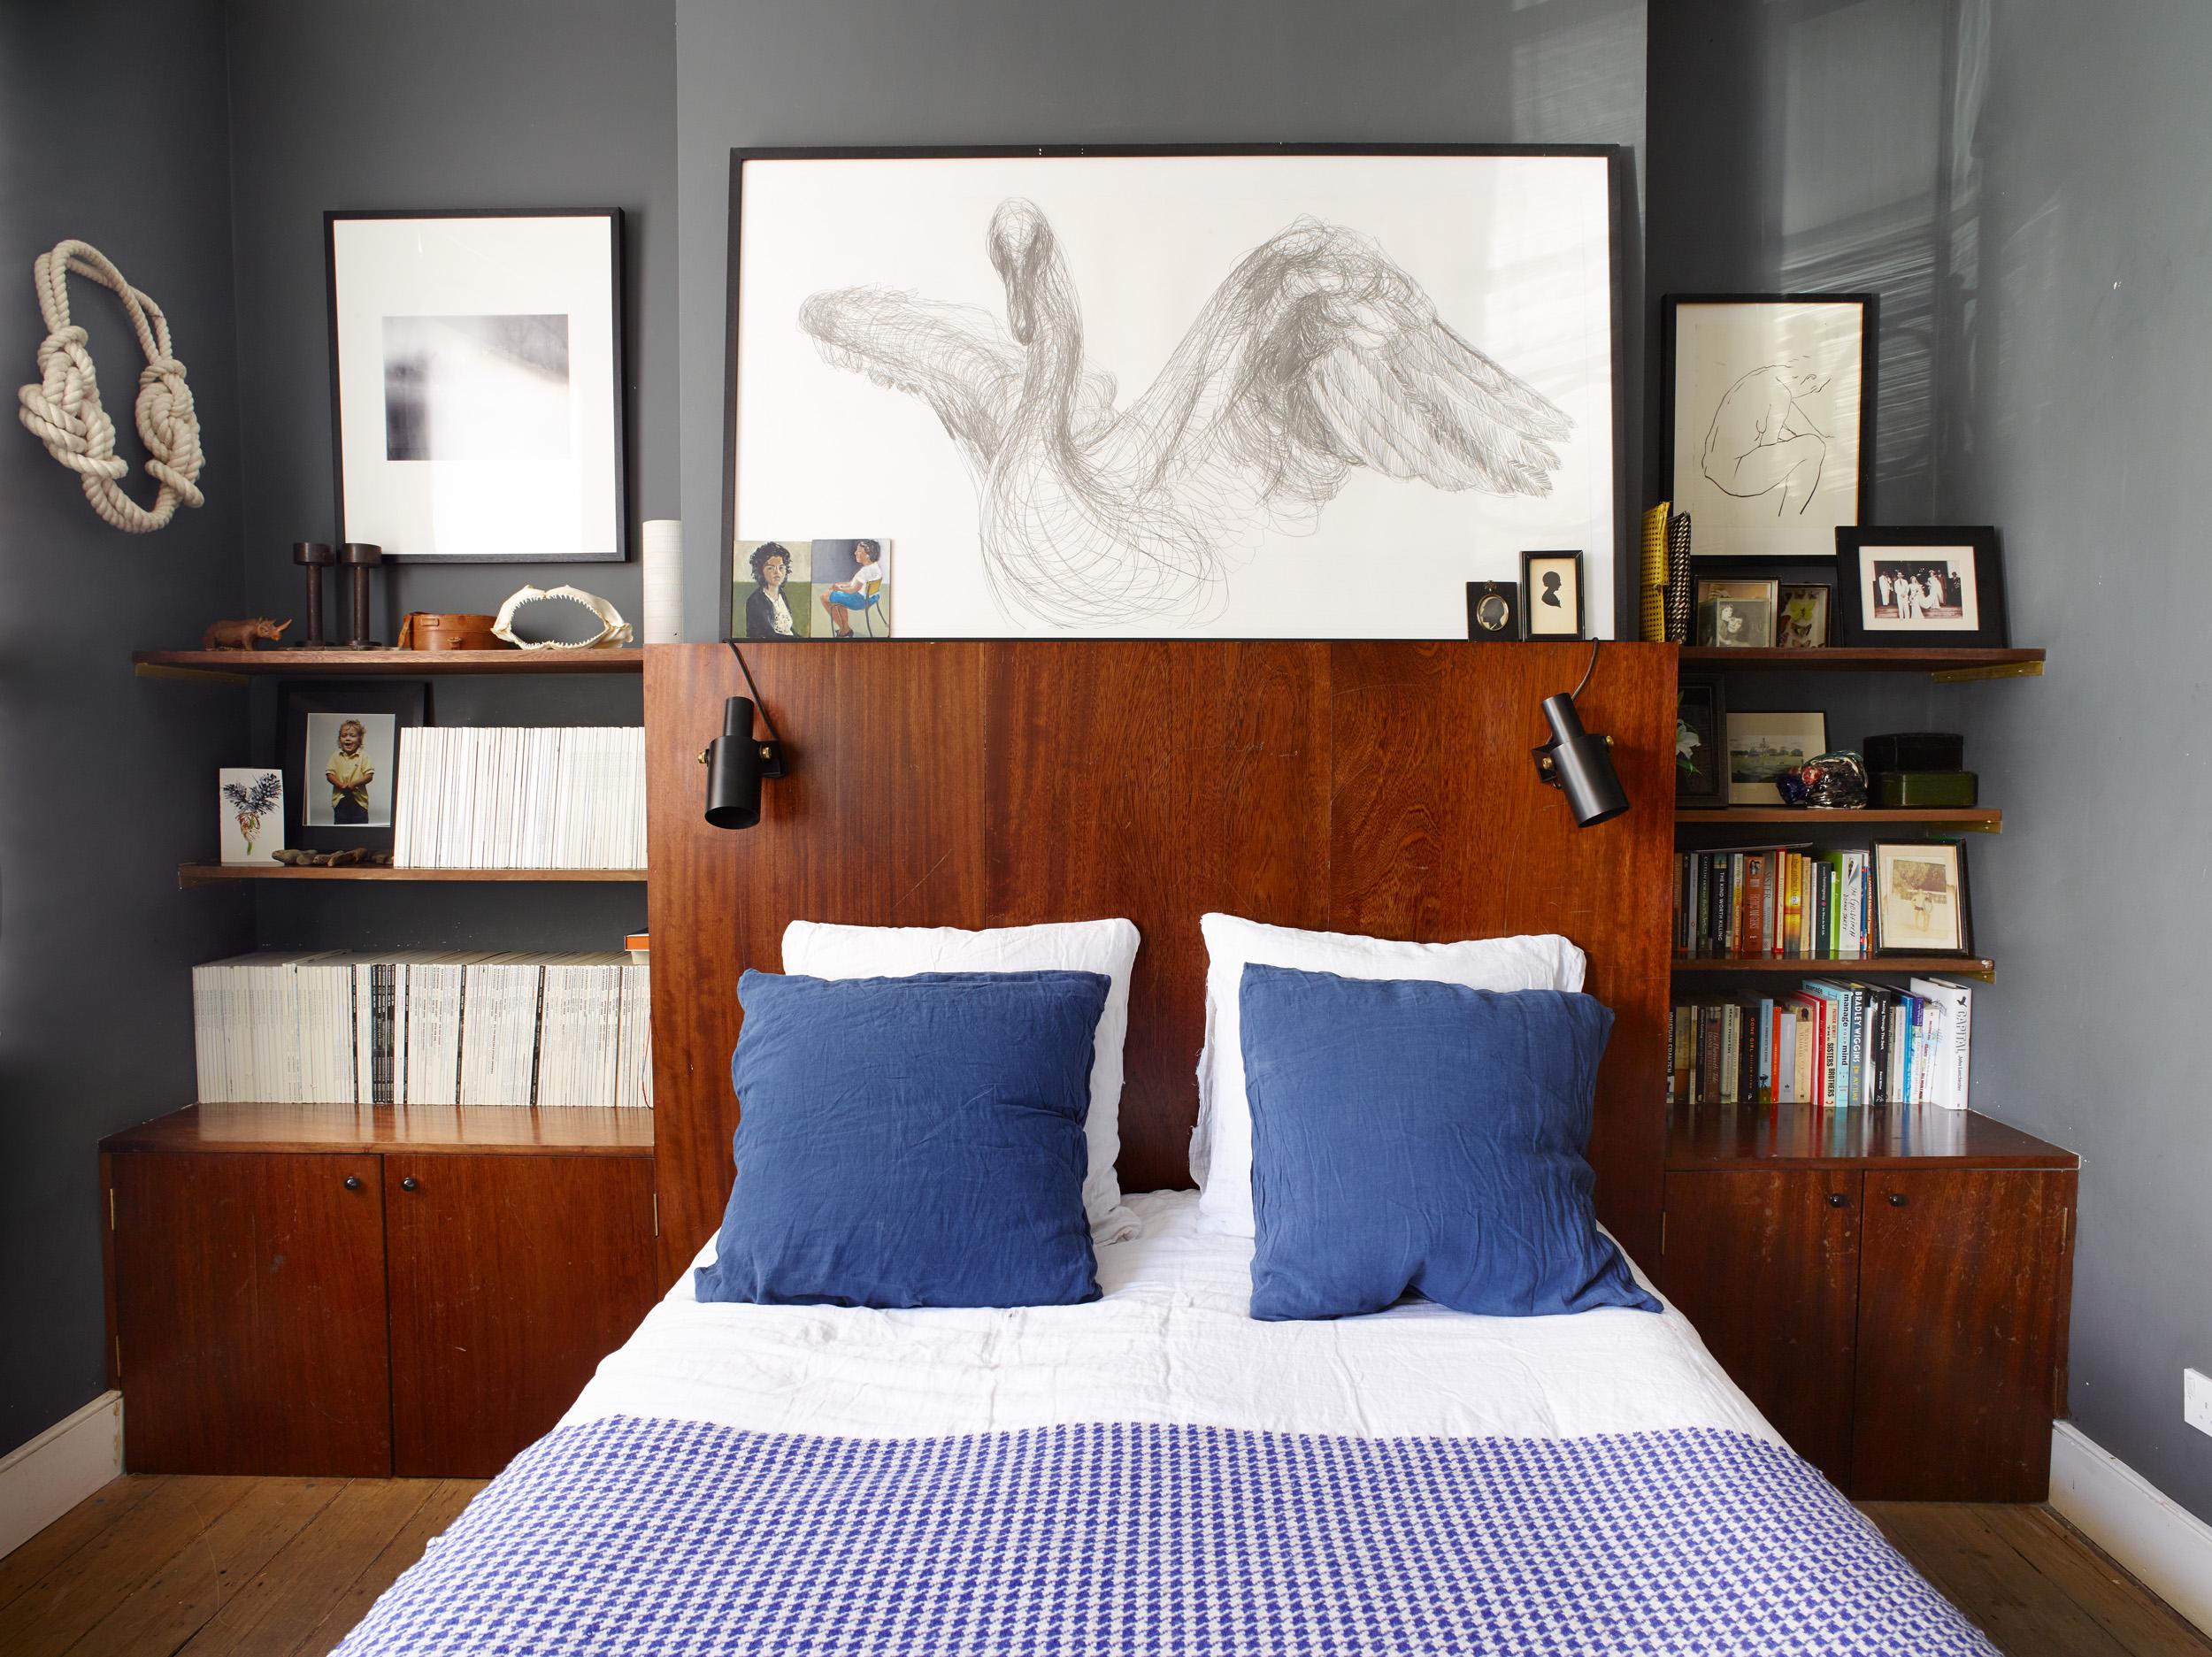 rachael-smith-interiors-14122019-060